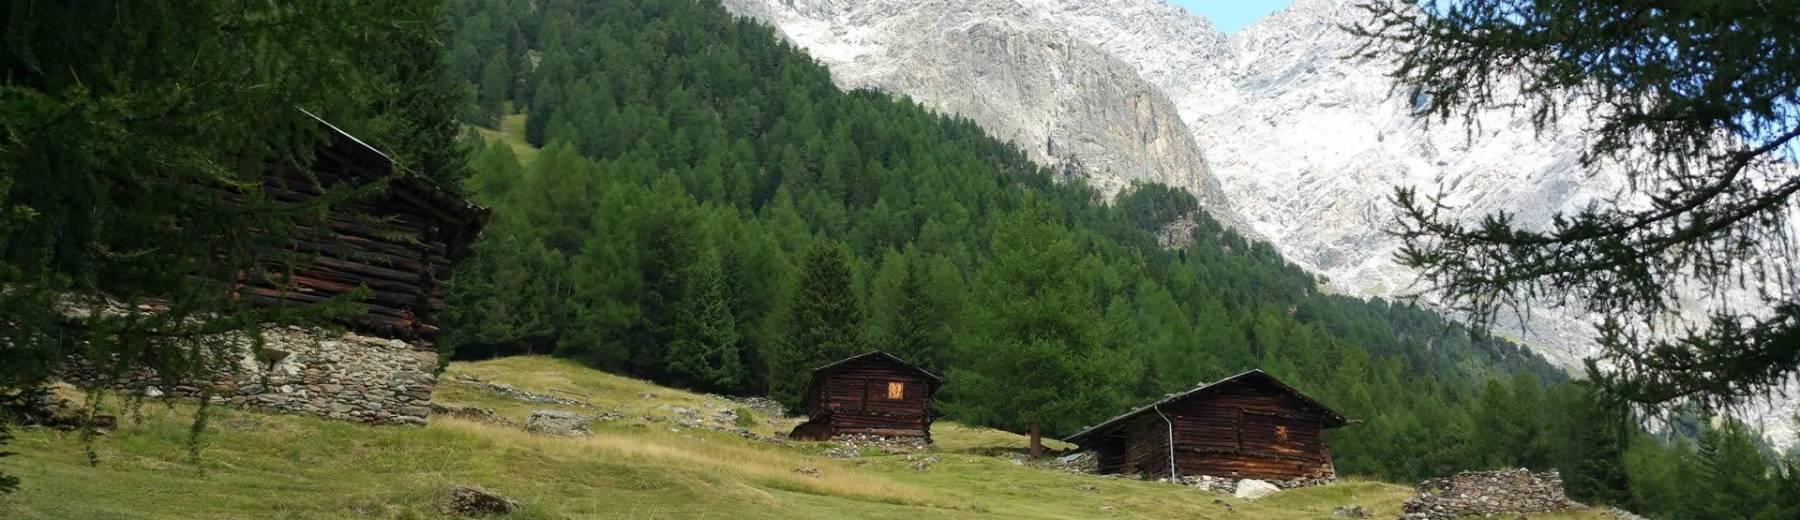 Soggiorni in Montagna, Pozza di Fassa   AriminumTravel